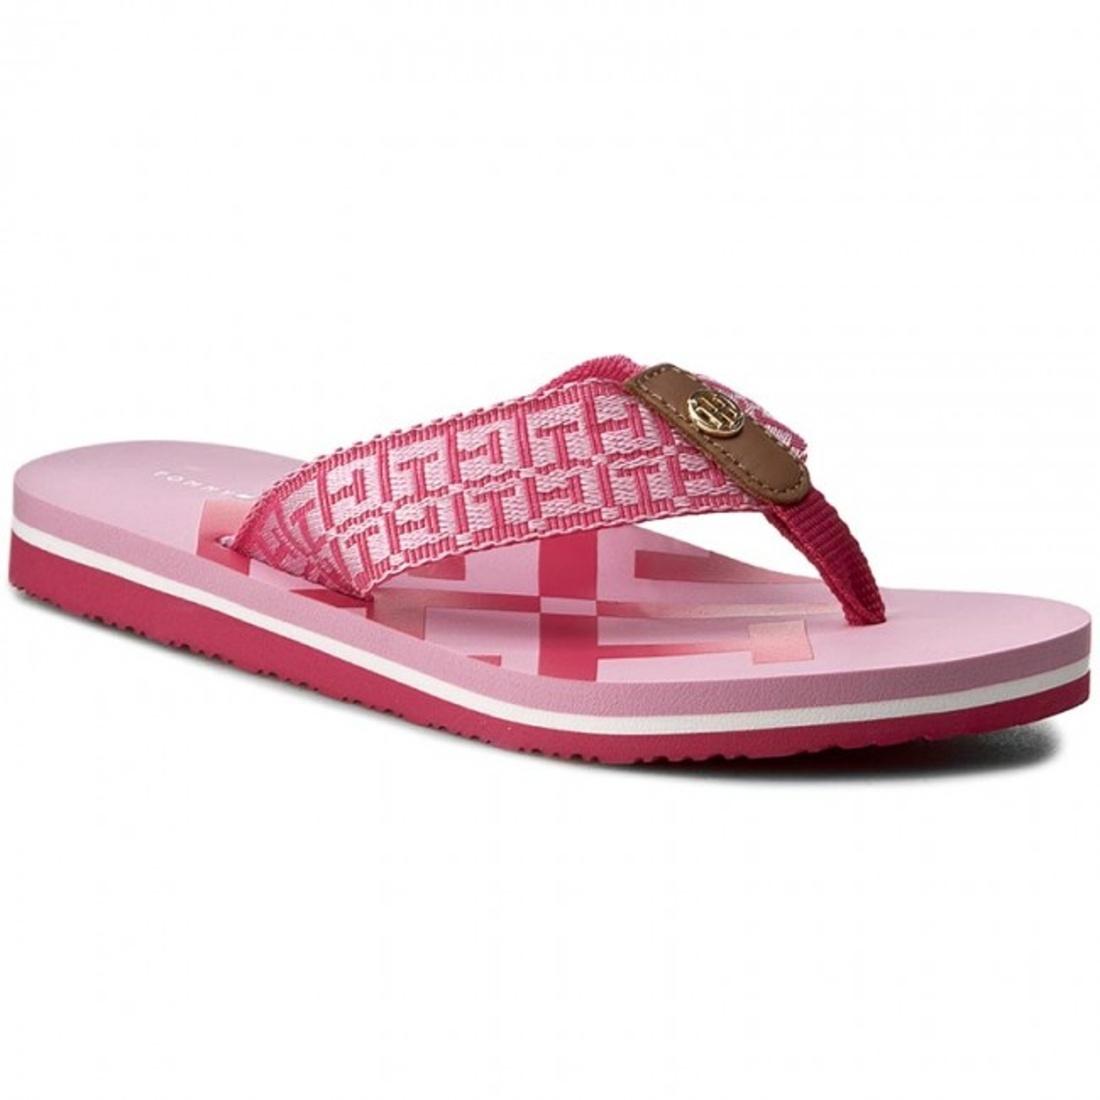 Tommy Hilfiger dámské růžové žabky - Mode.cz 5a95392ee7